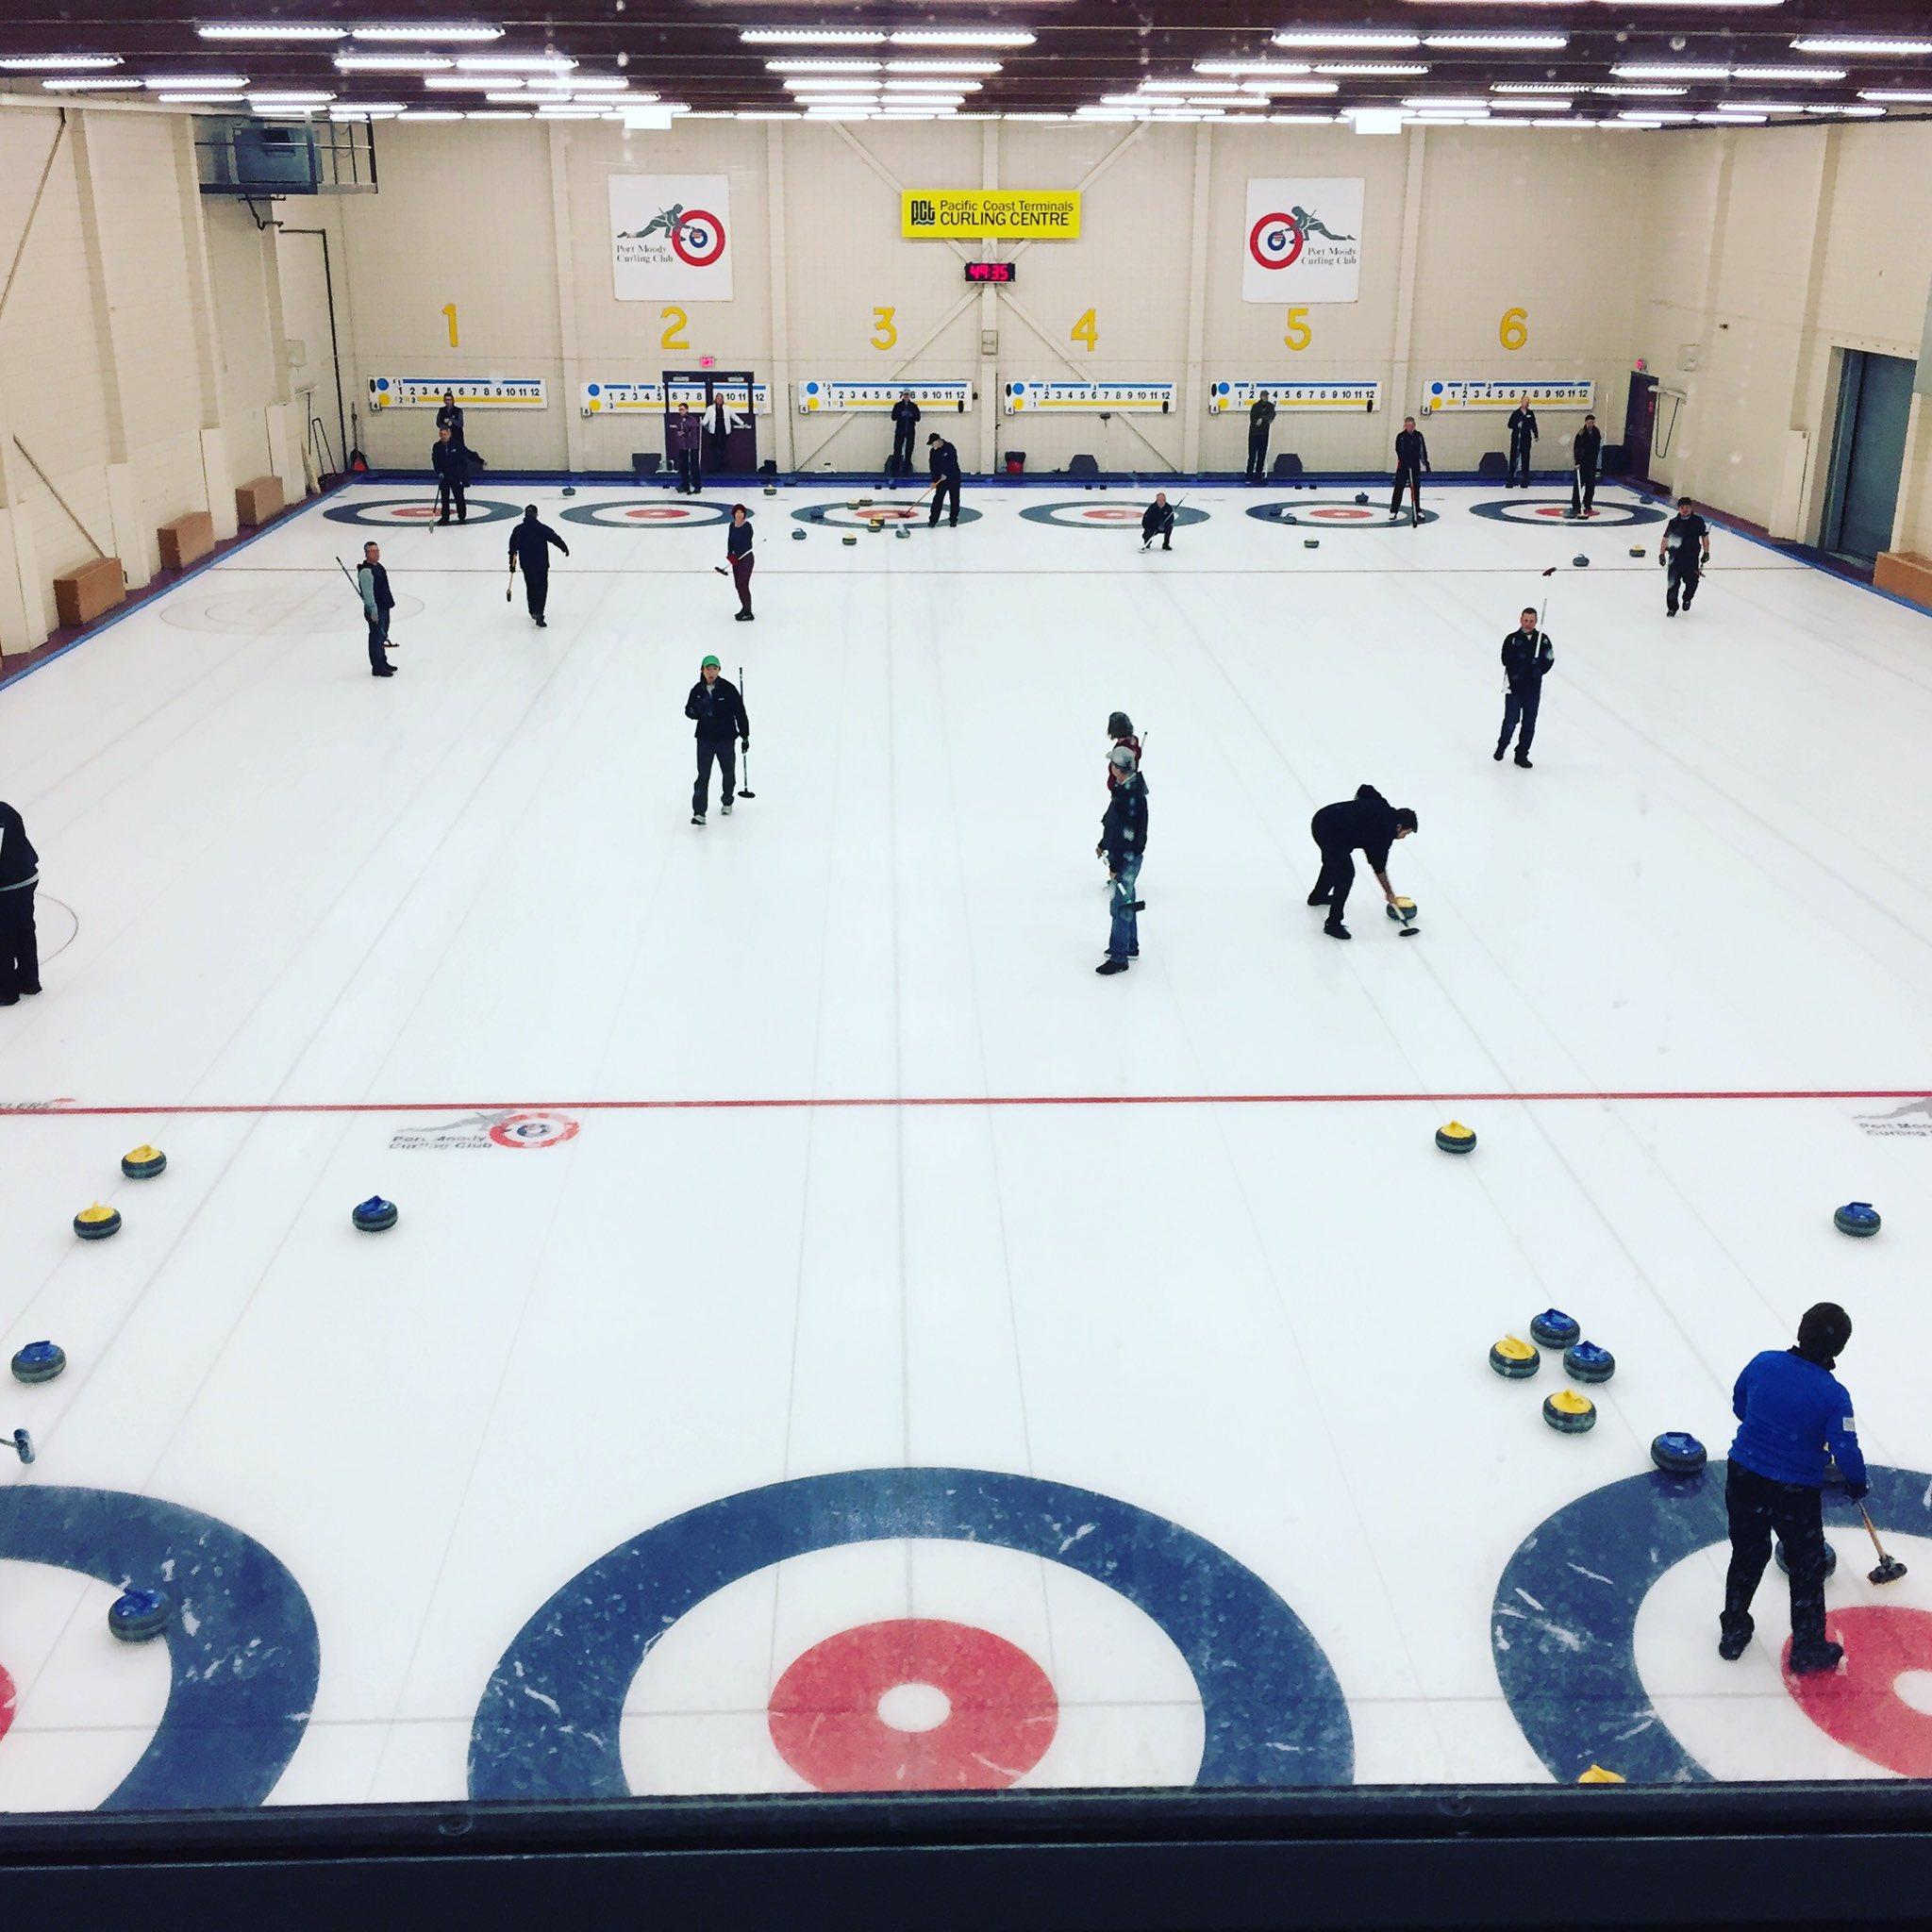 Port Moody Curling Club